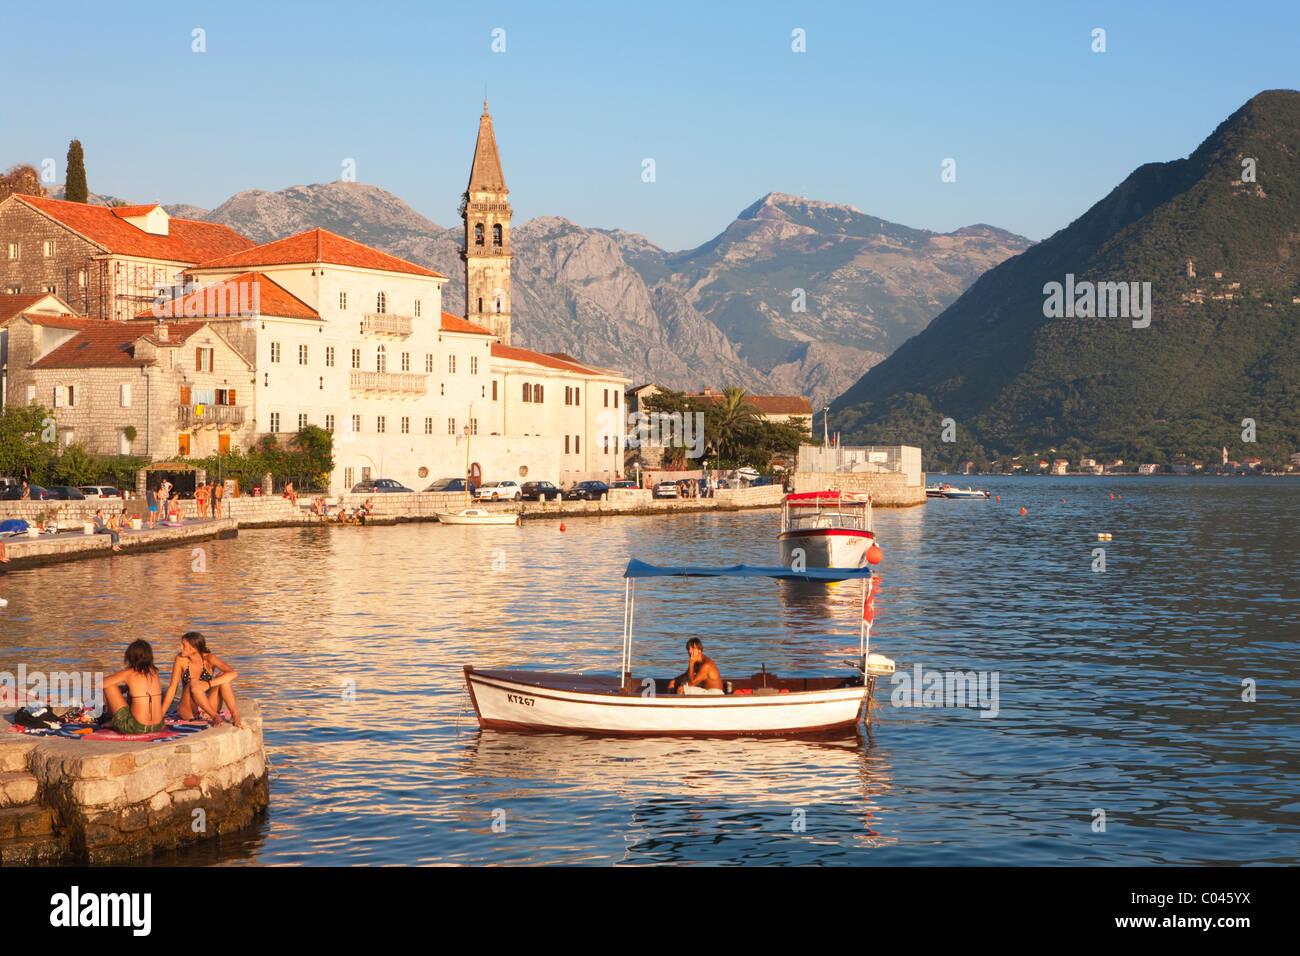 Sunbathers and man in boat, Perast, Boka Kotorska, Montenegro - Stock Image